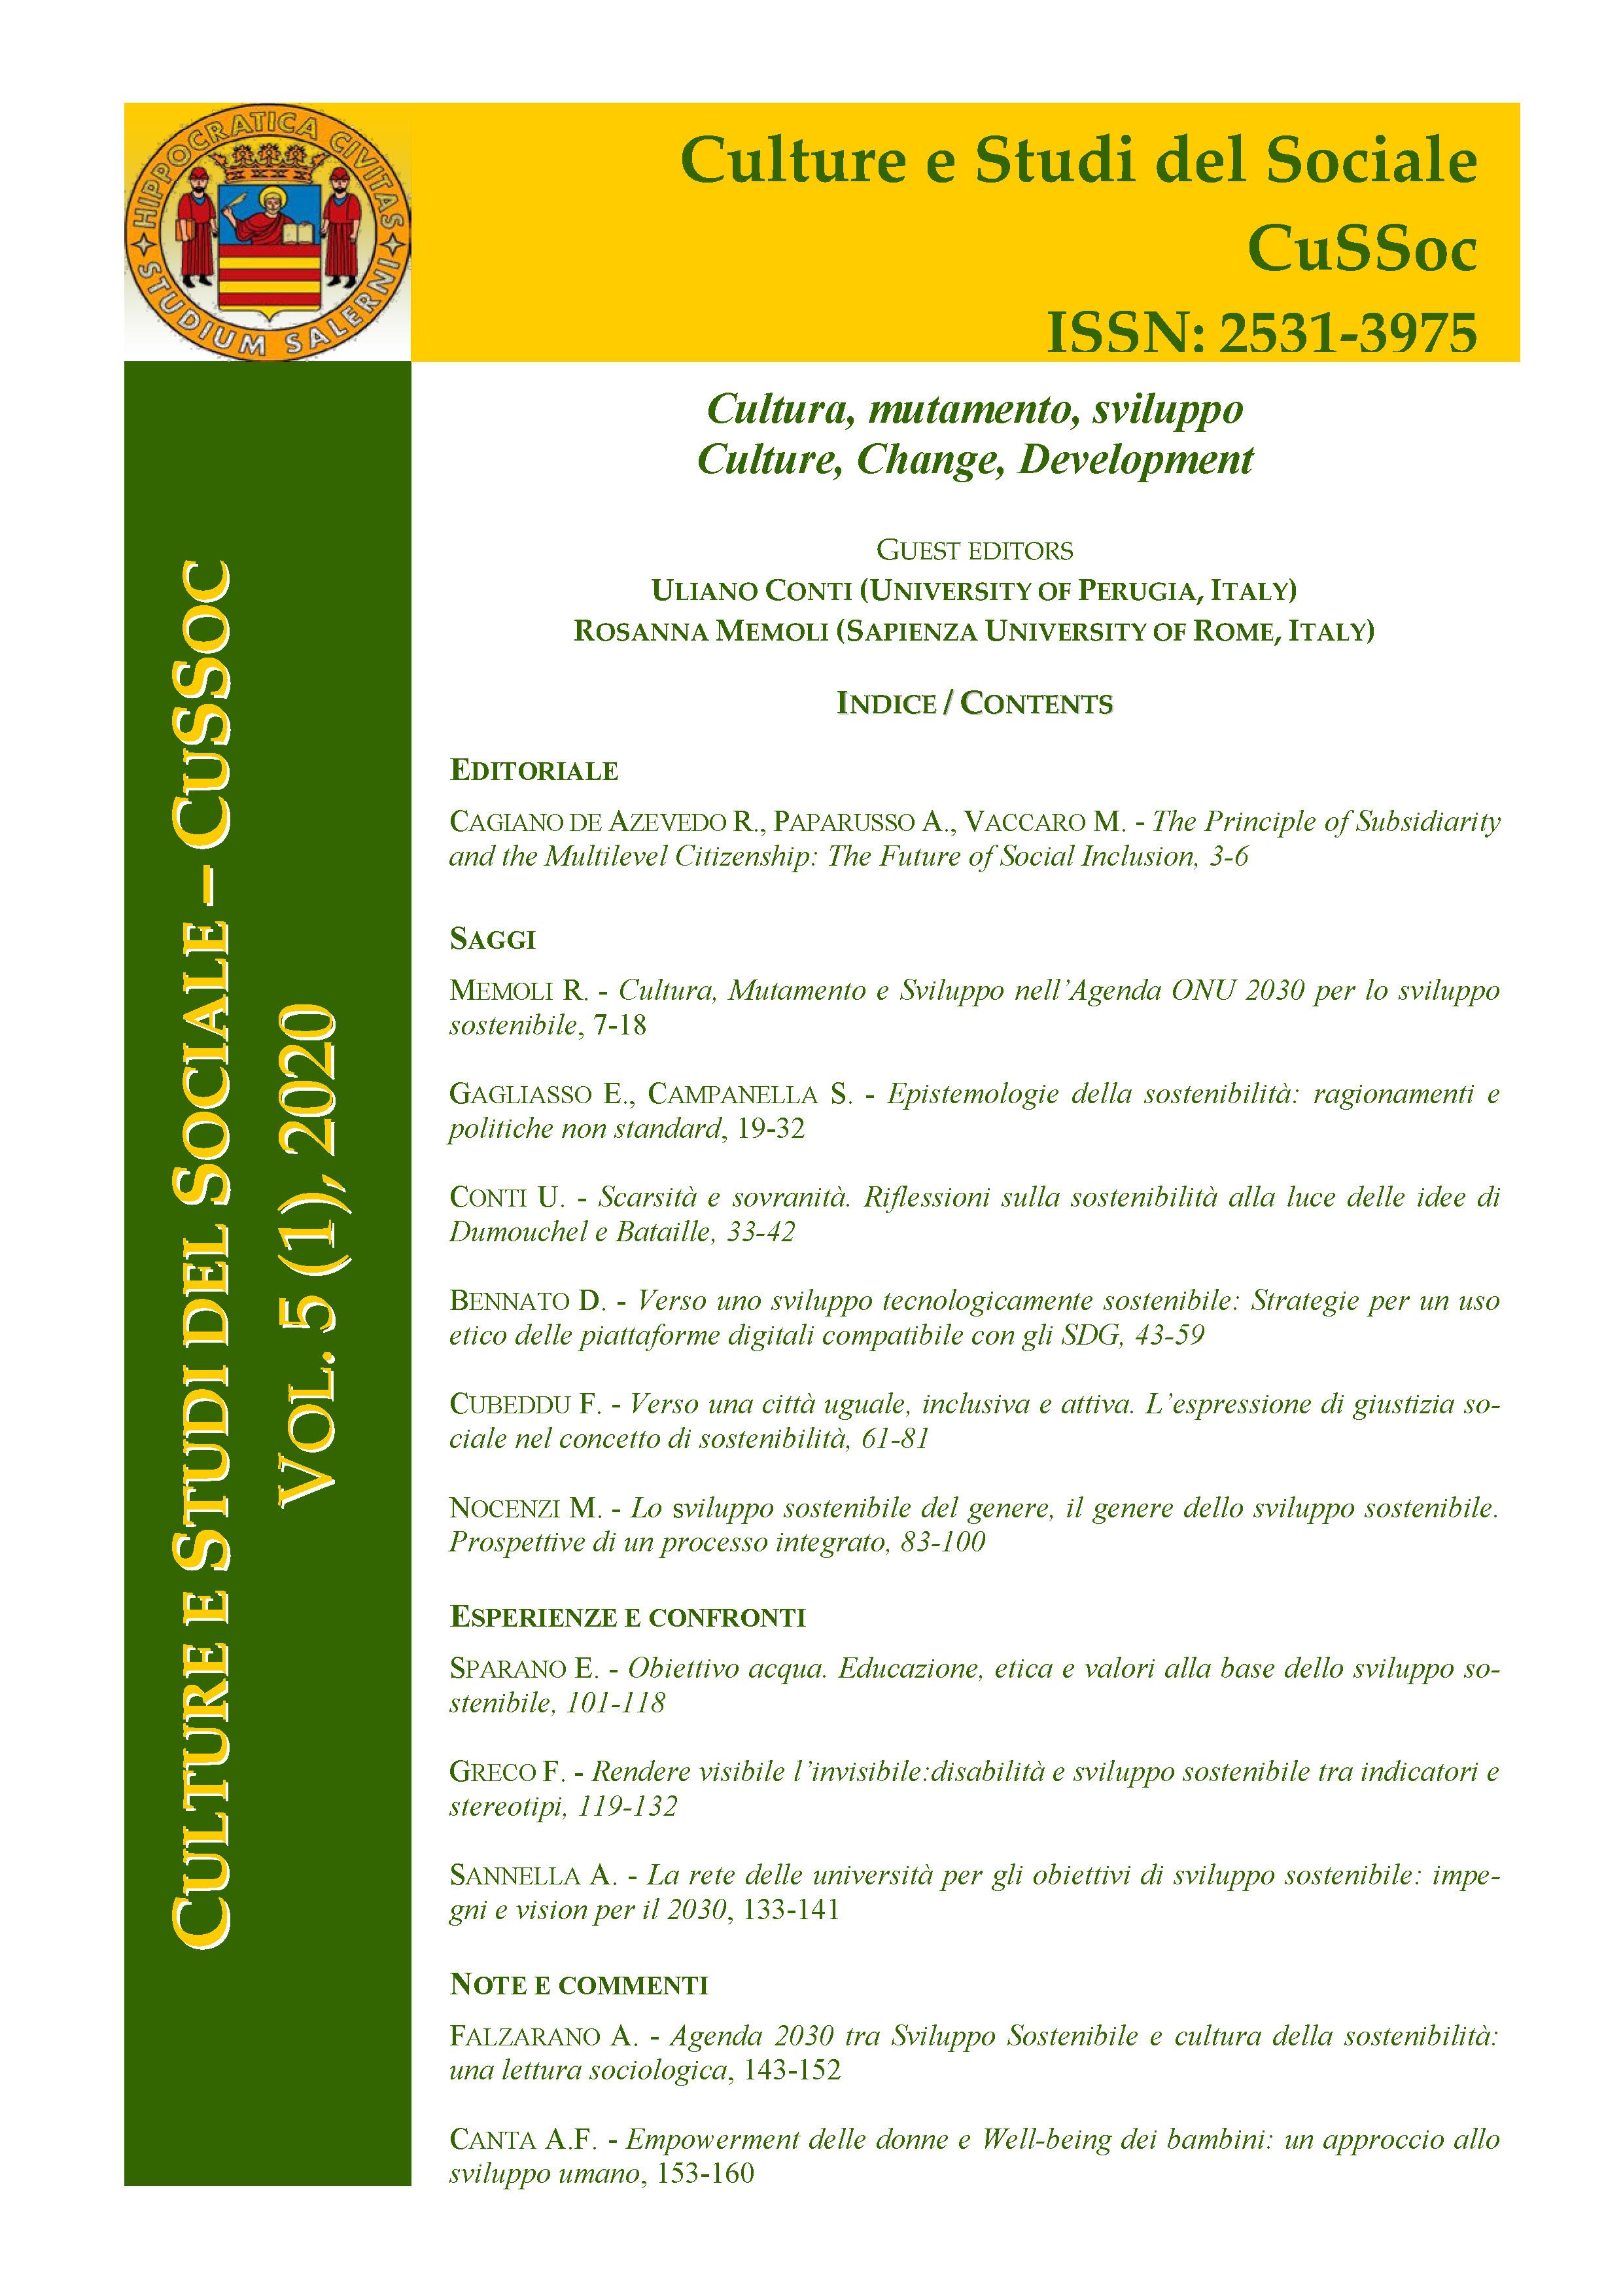 View Vol. 5 No. 1 (2020): Cultura, mutamento, sviluppo / Culture, Change, Development - Guest Editors, Uliano Conti (University of Perugia, Italy) & Rosanna Memoli (Sapienza University of Rome, Italy)